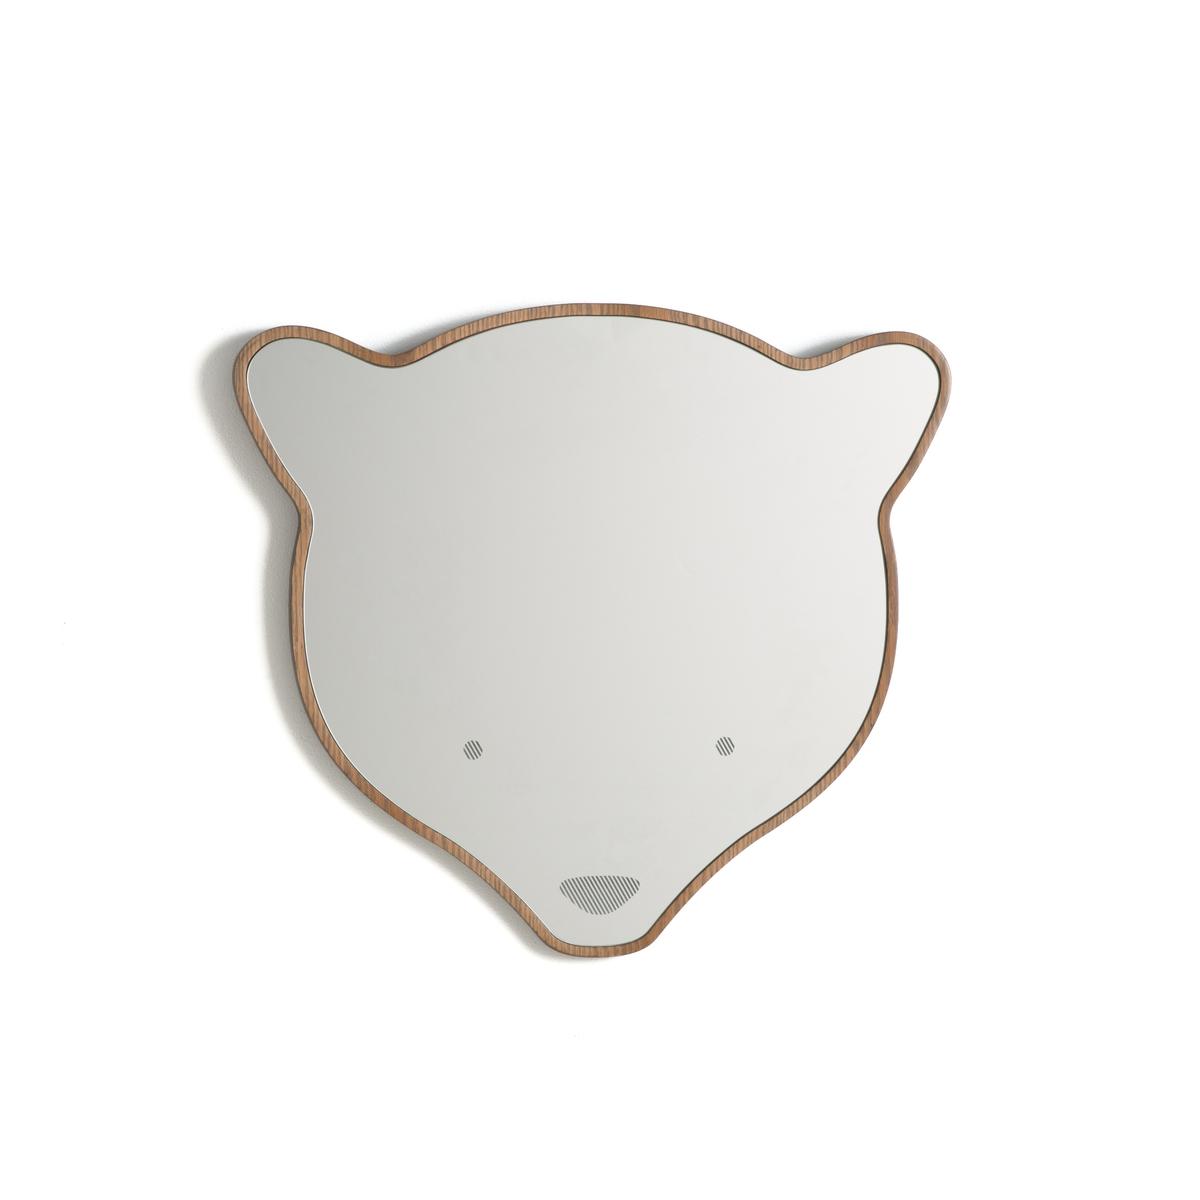 Зеркало в форме головы медведя Usrus